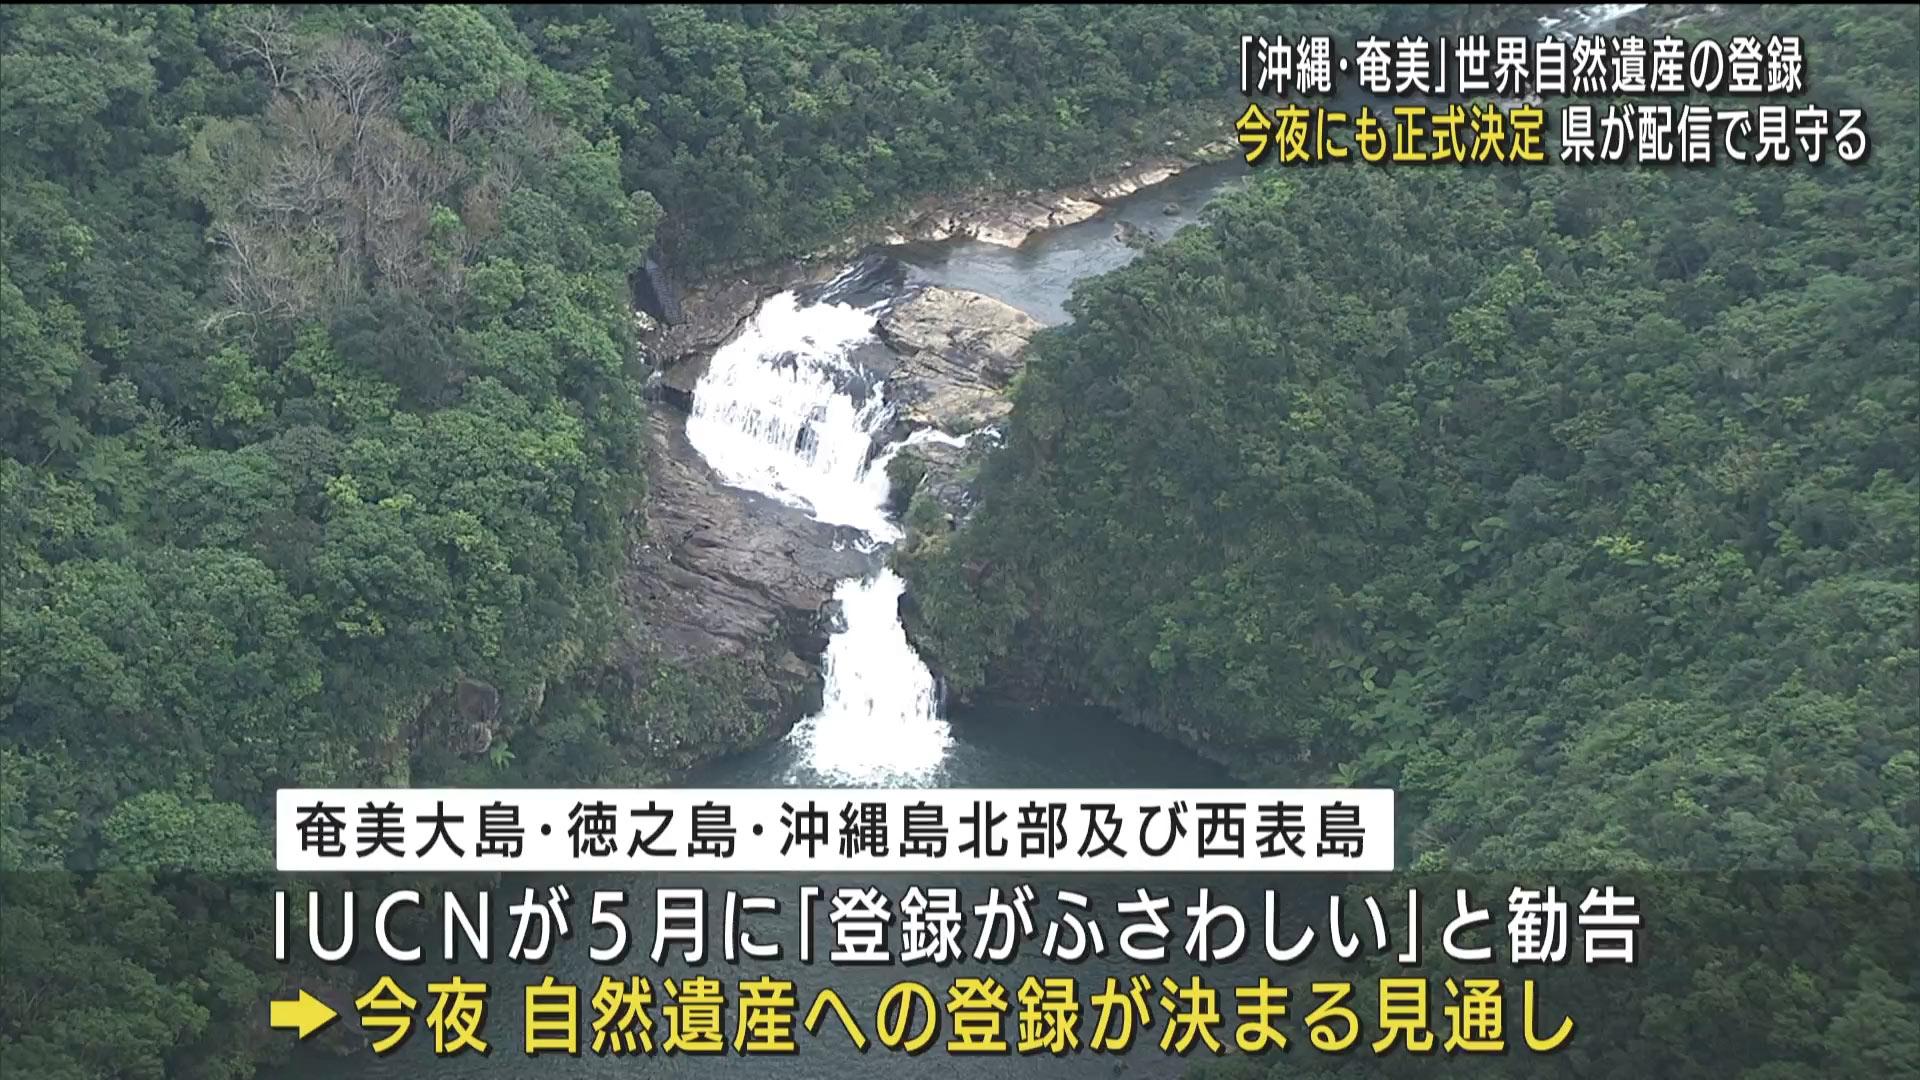 「沖縄・奄美」世界自然遺産登録 今夜正式決定へ